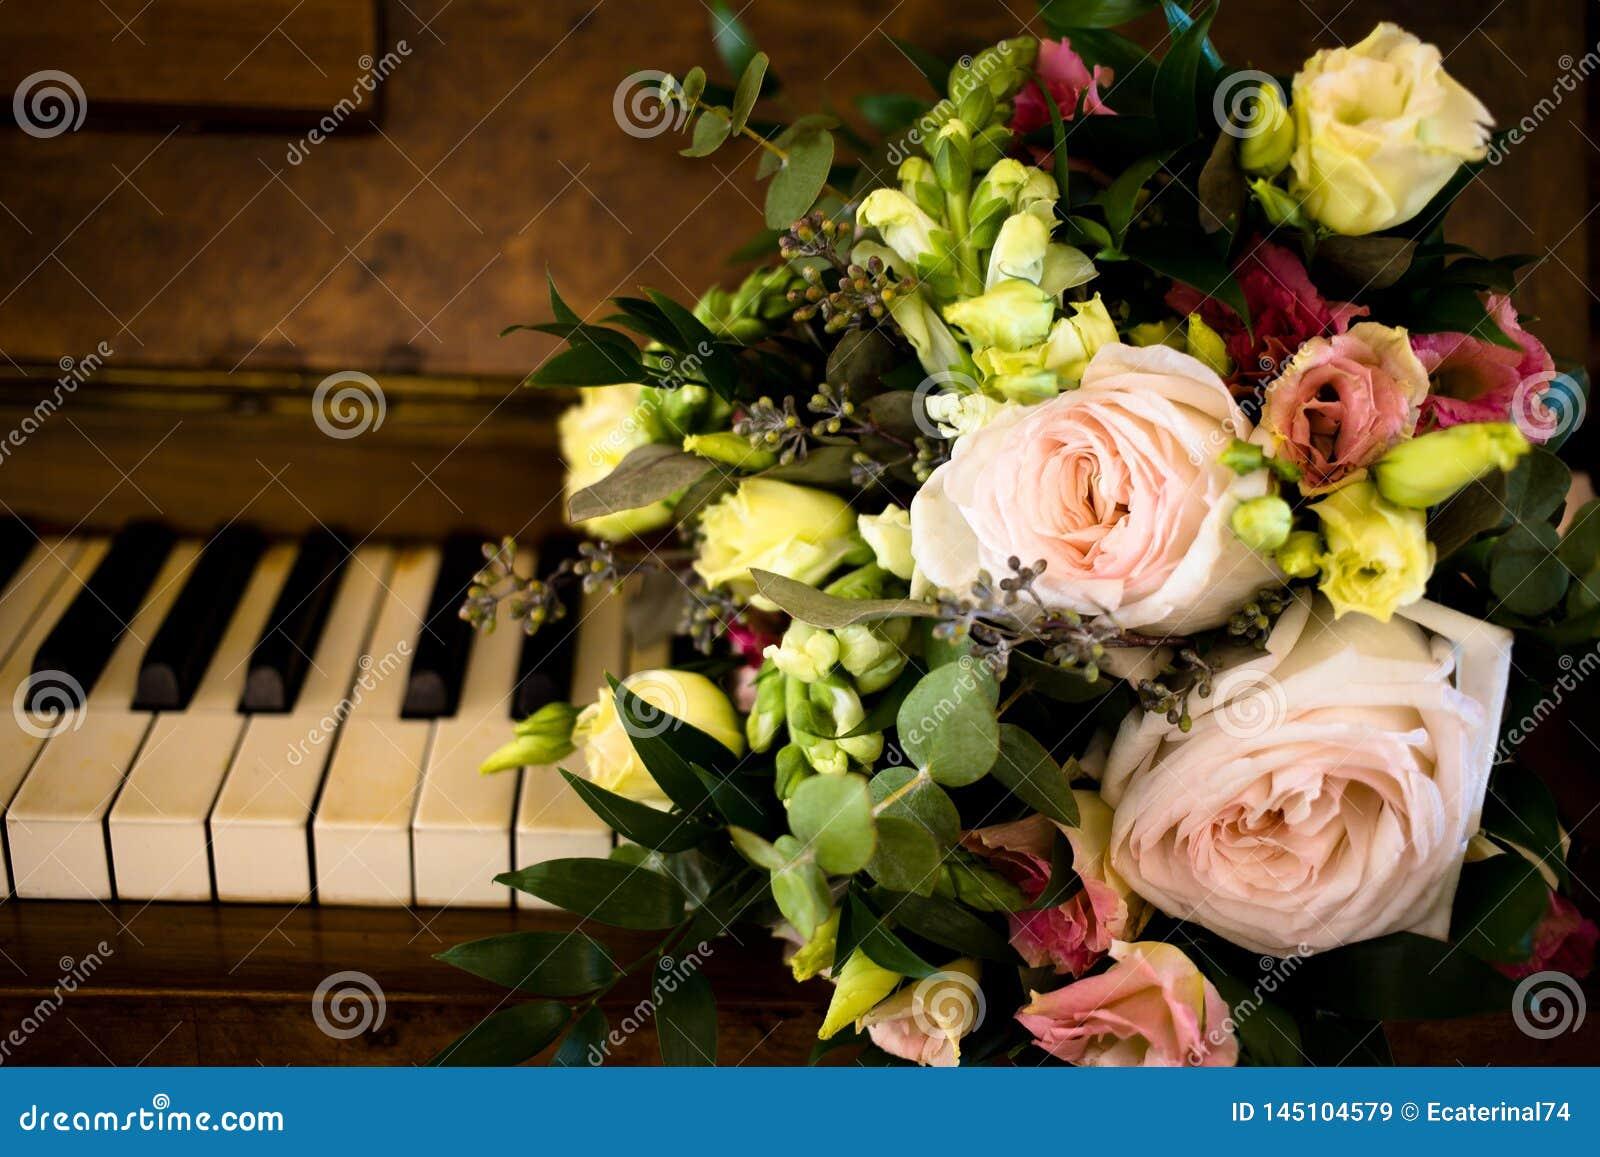 Un bouquet des fleurs sur les clés du piano